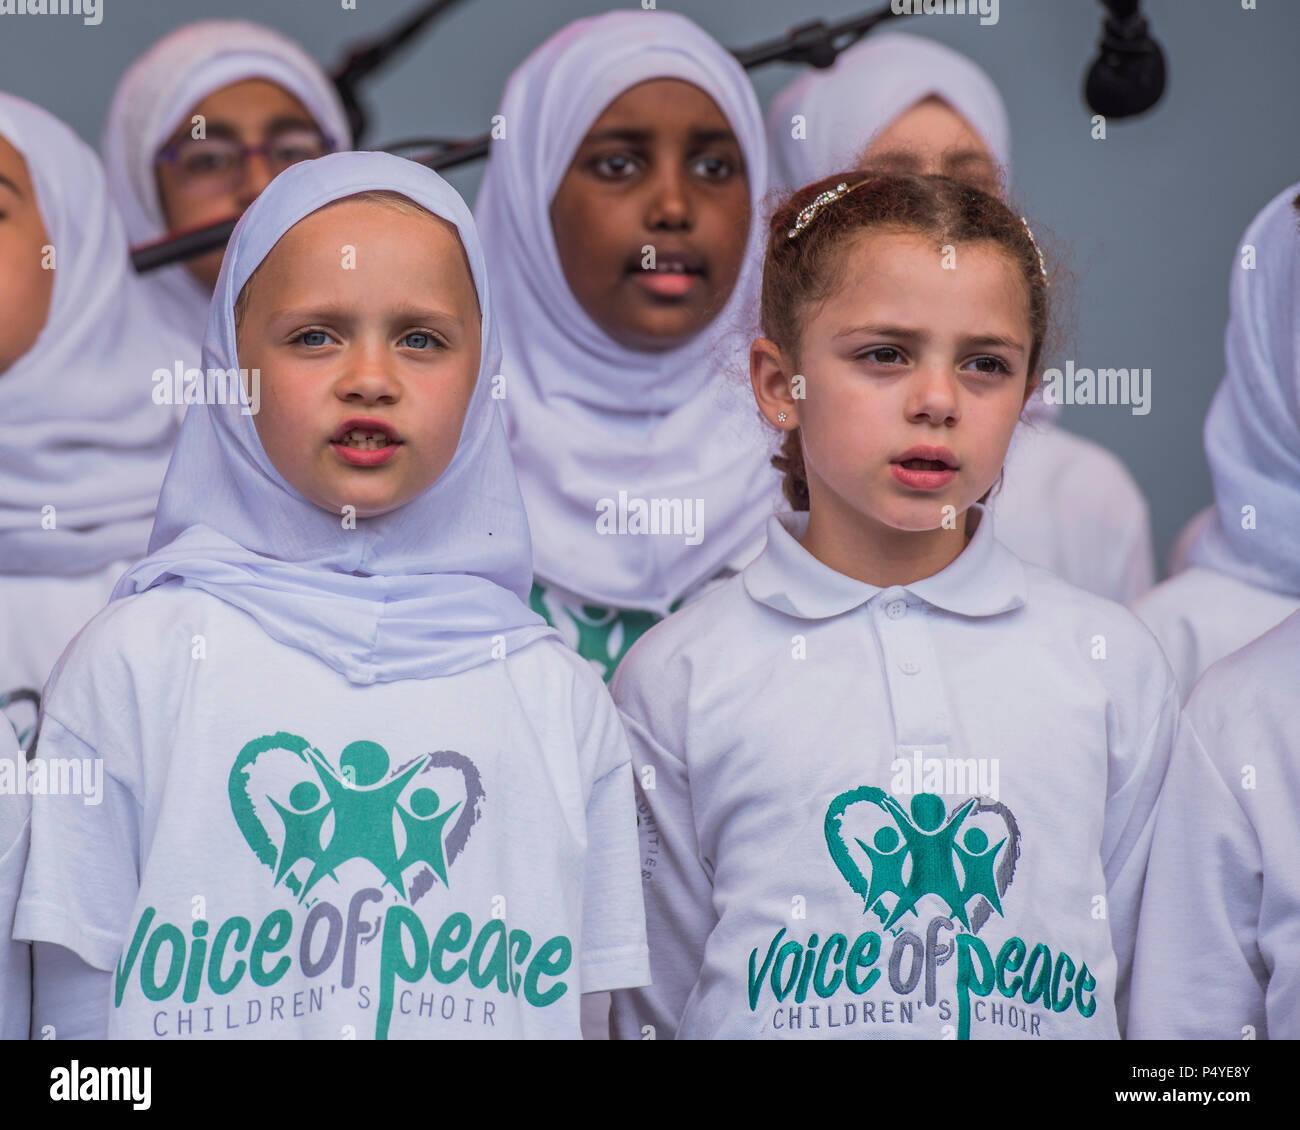 Londres, Royaume-Uni. 23 juin 2018. Voix de la paix Chorale pour enfants - 13e Festival de l'aïd sur Trafalgar Square pour célébrer la fin du Ramadan. Crédit: Guy Bell/Alamy Live News Banque D'Images